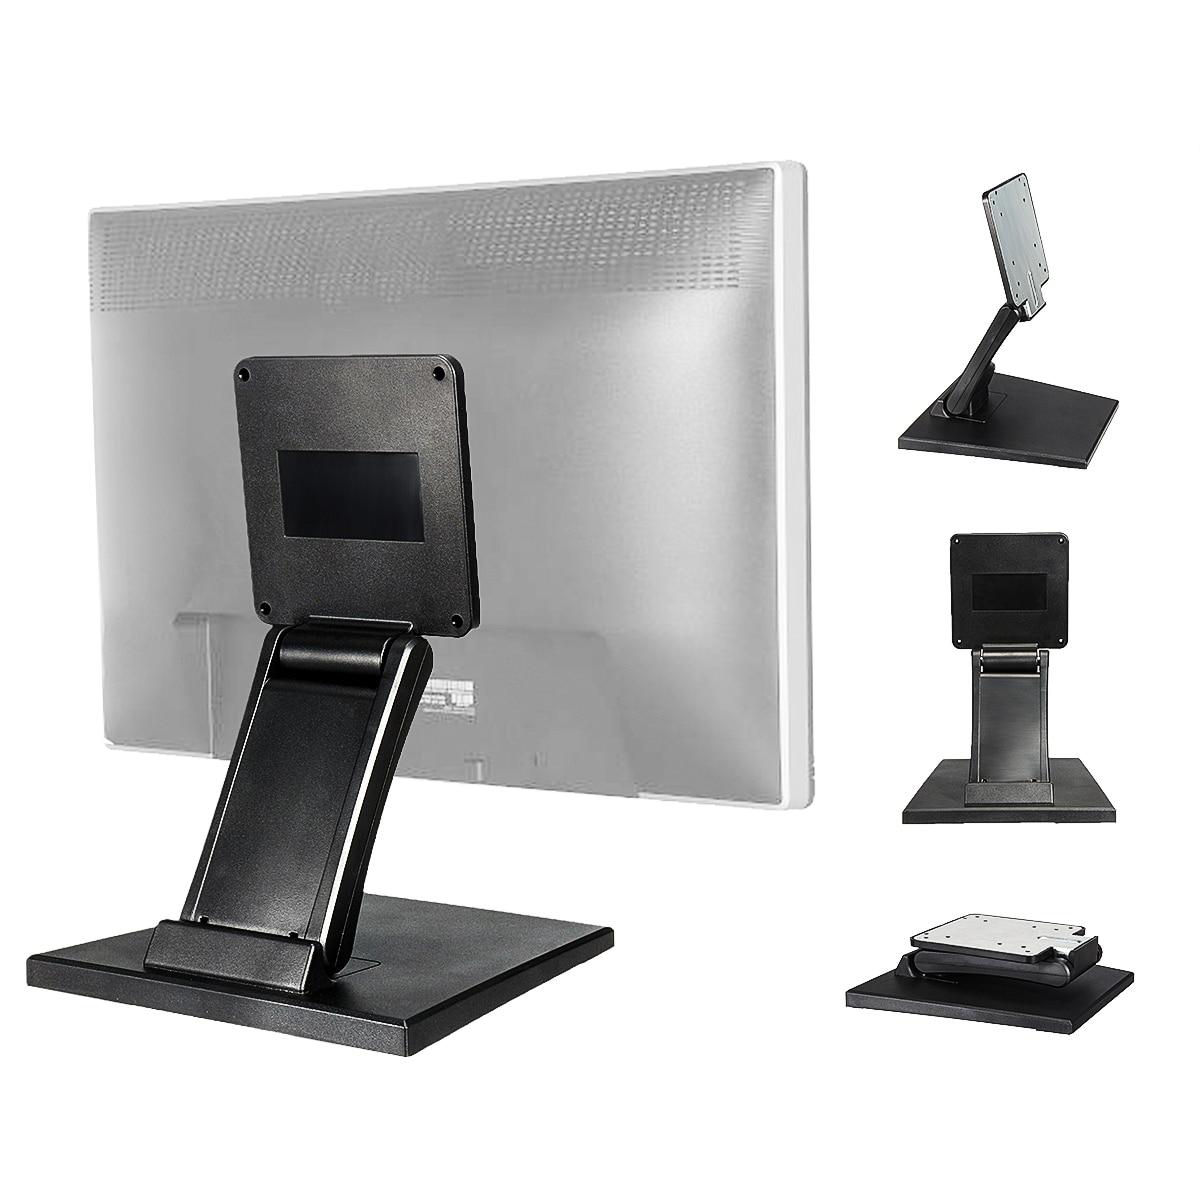 Load 10kg Desktop Monitor Holder 10-27